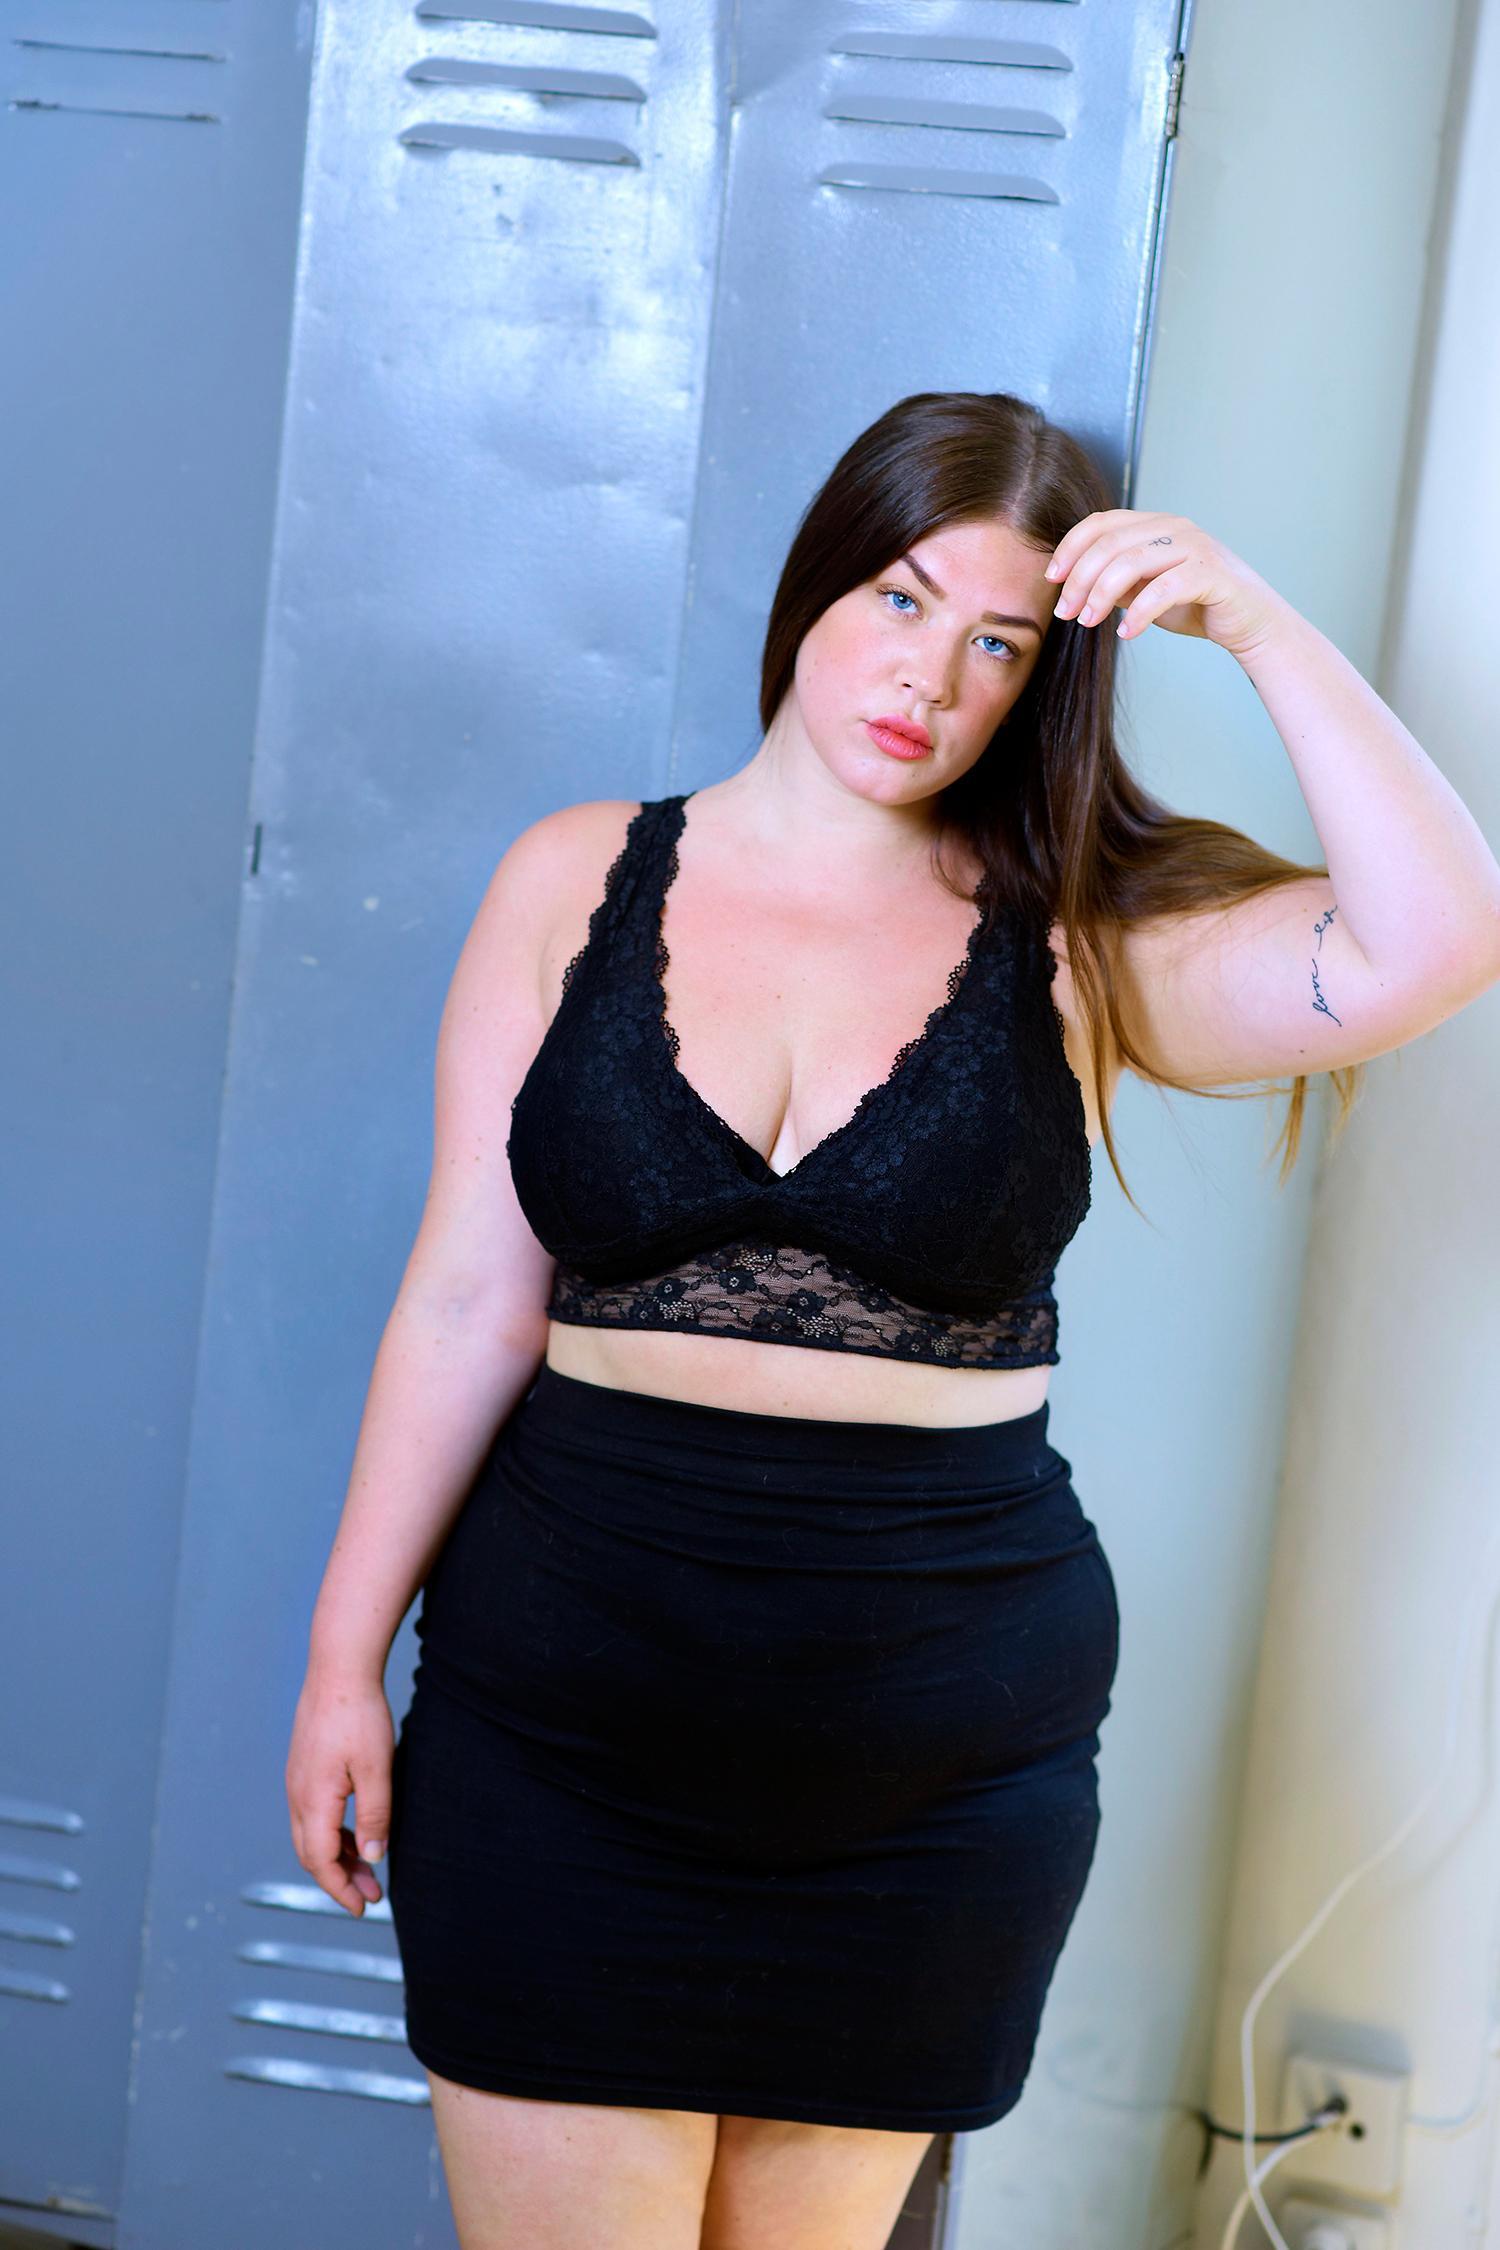 """Cassandra har slutat räkna kalorier och älskar sin kropp """"nästan varje dag""""."""